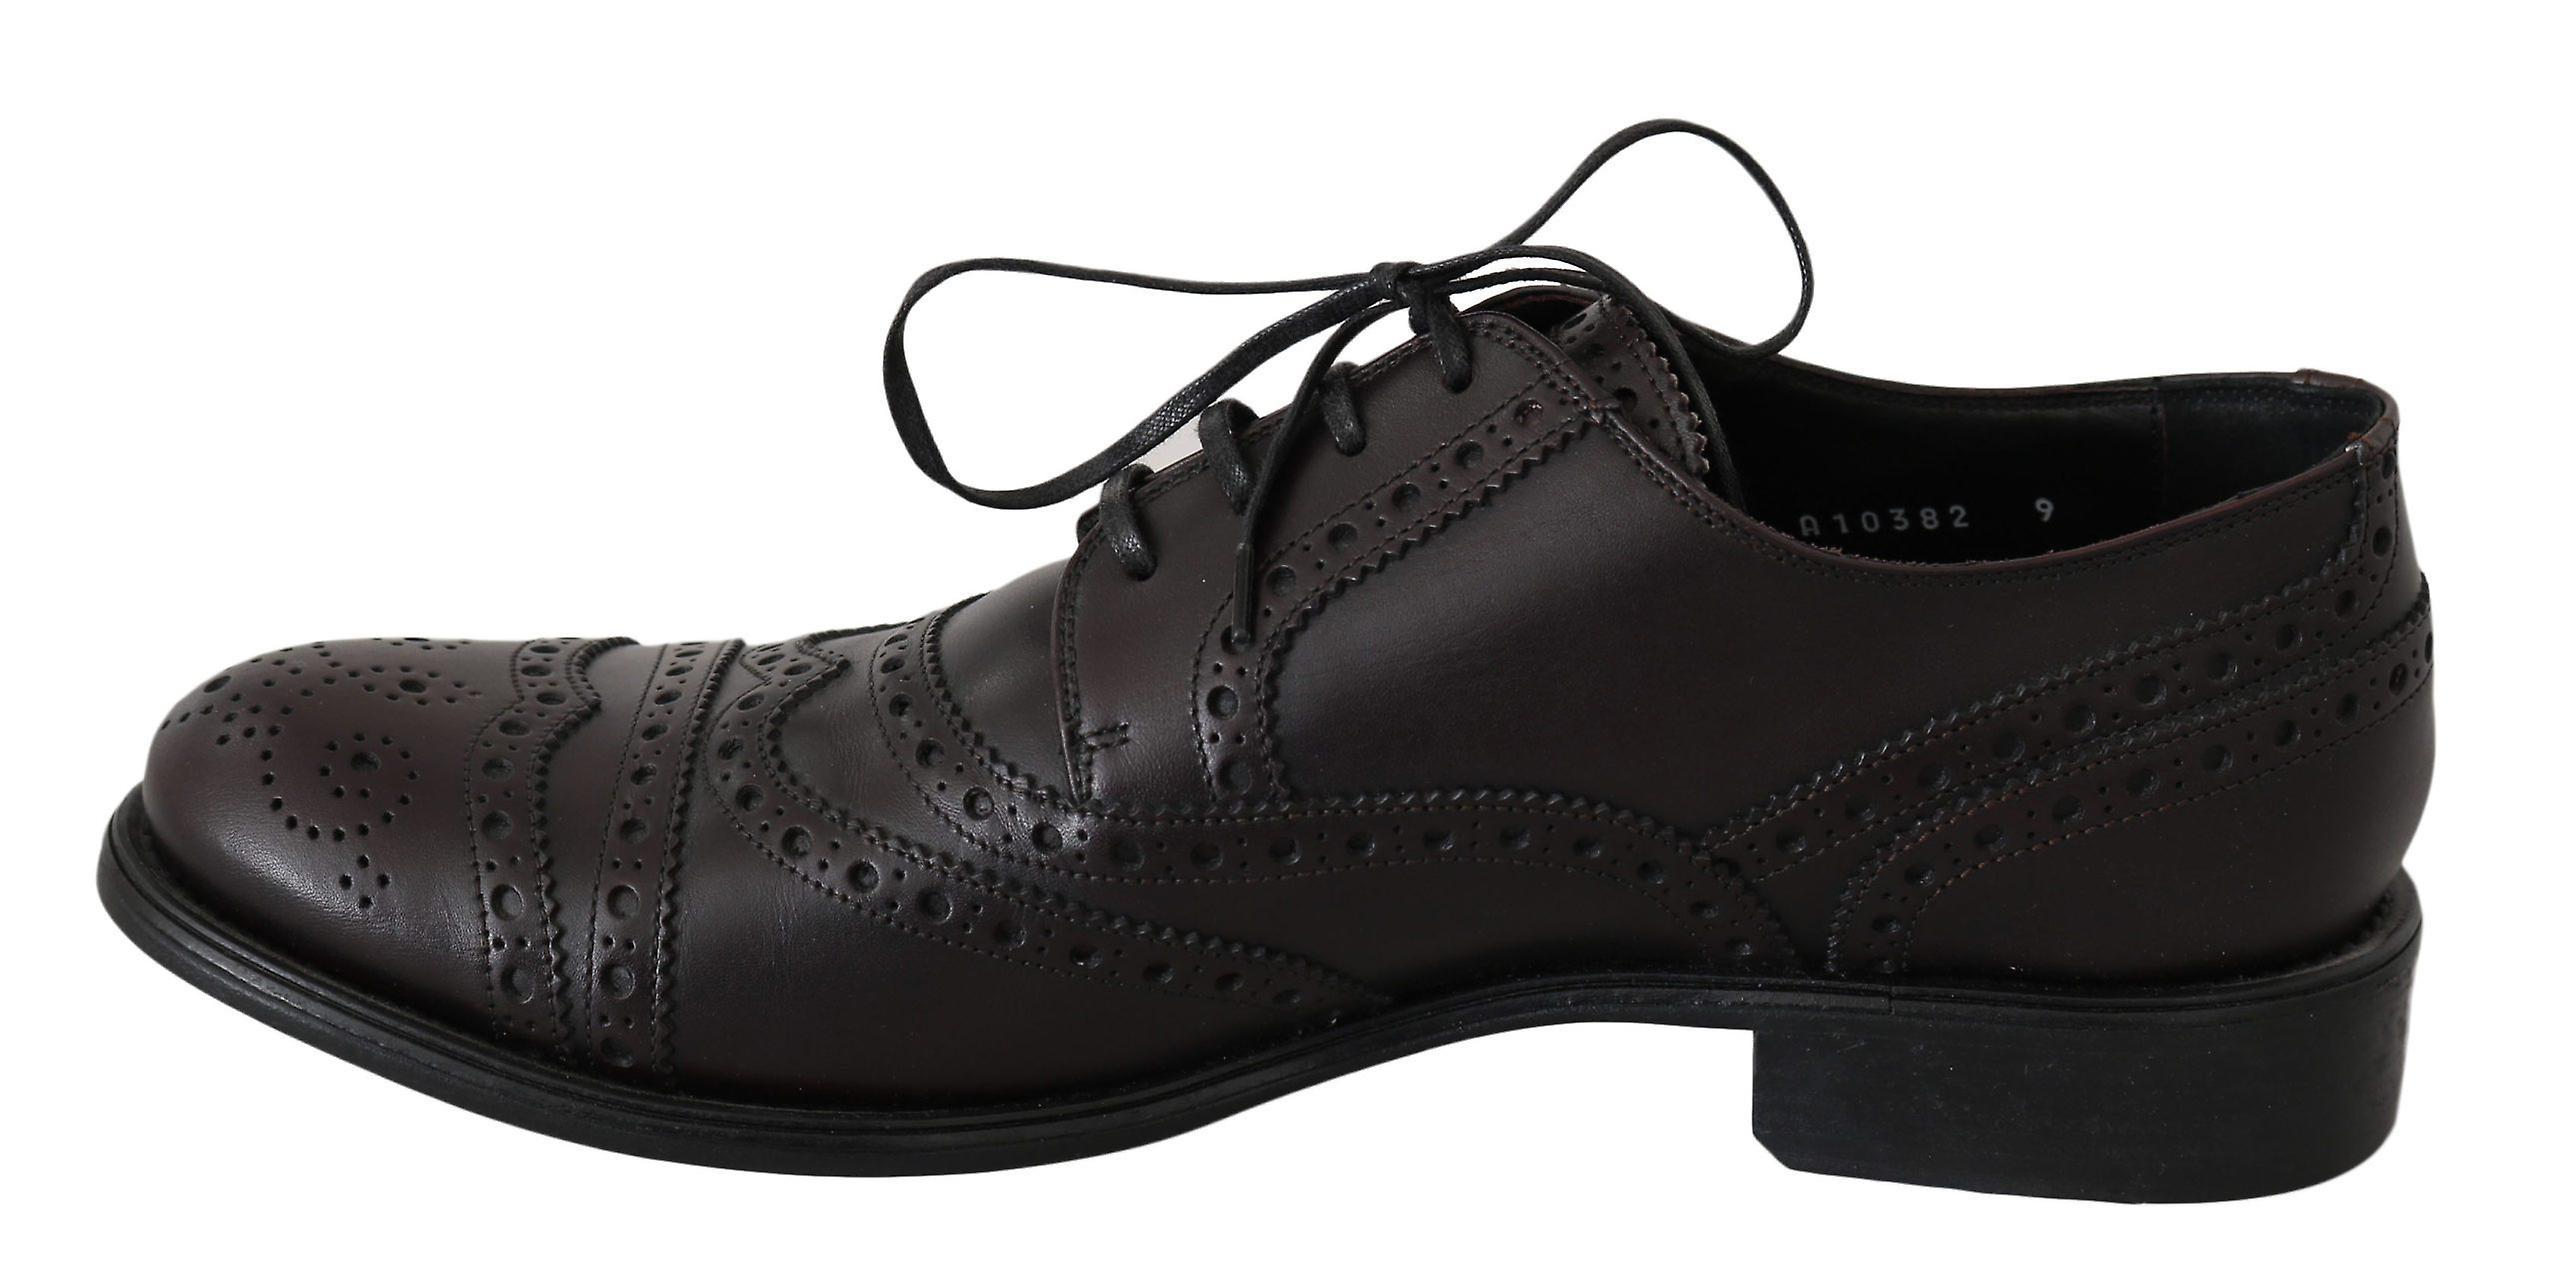 Dolce & Gabbana Bordeaux Leather Wingtip Oxford Brogue Shoes Mv2405-43